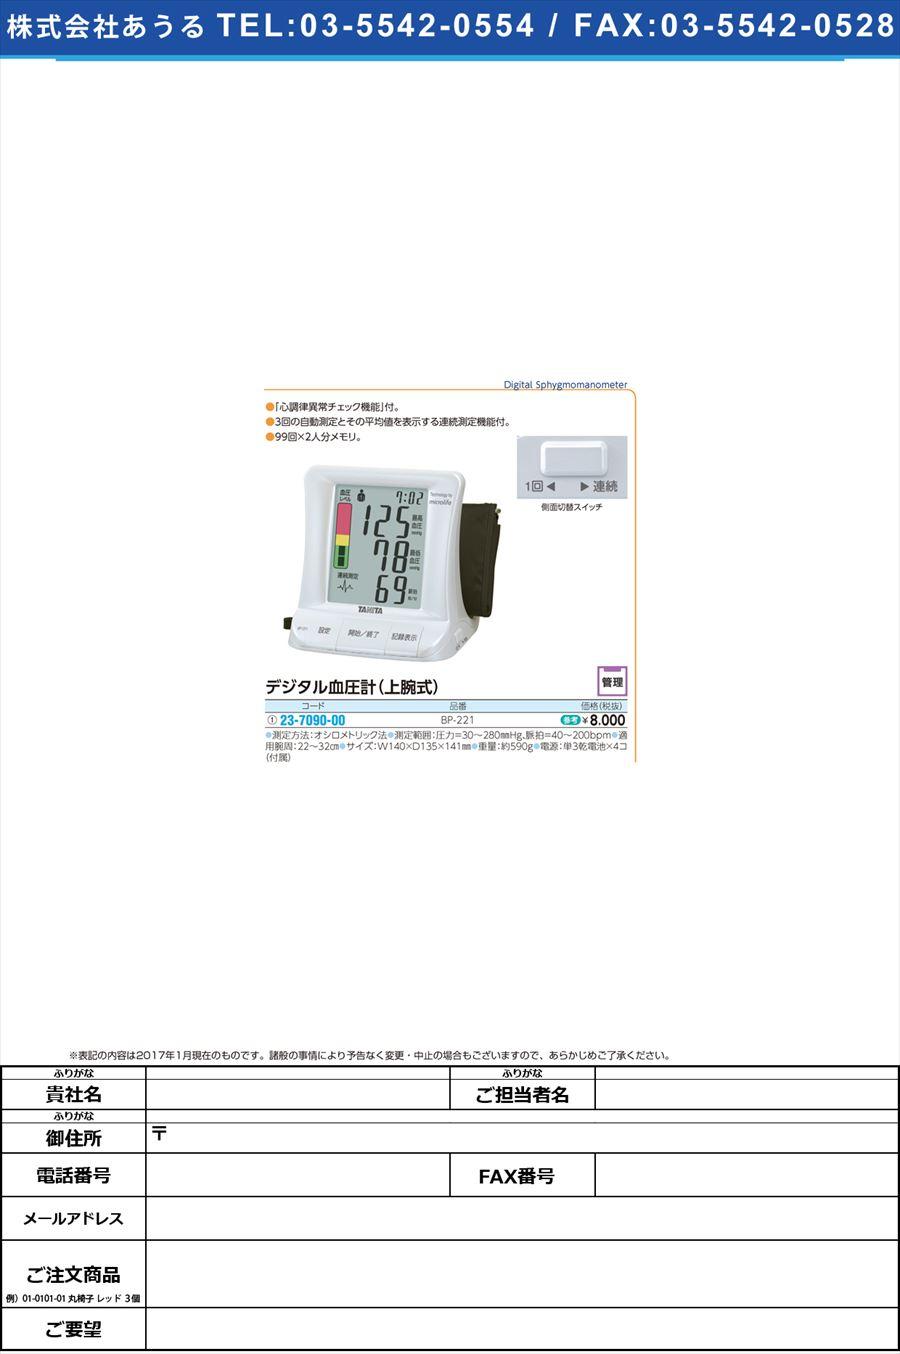 デジタル血圧計(上腕式) デジケツアツケイ(ジョウワンシキ) BP-221(パールホワイト)(23-7090-00)【1台単位】【2017年カタログ商品】